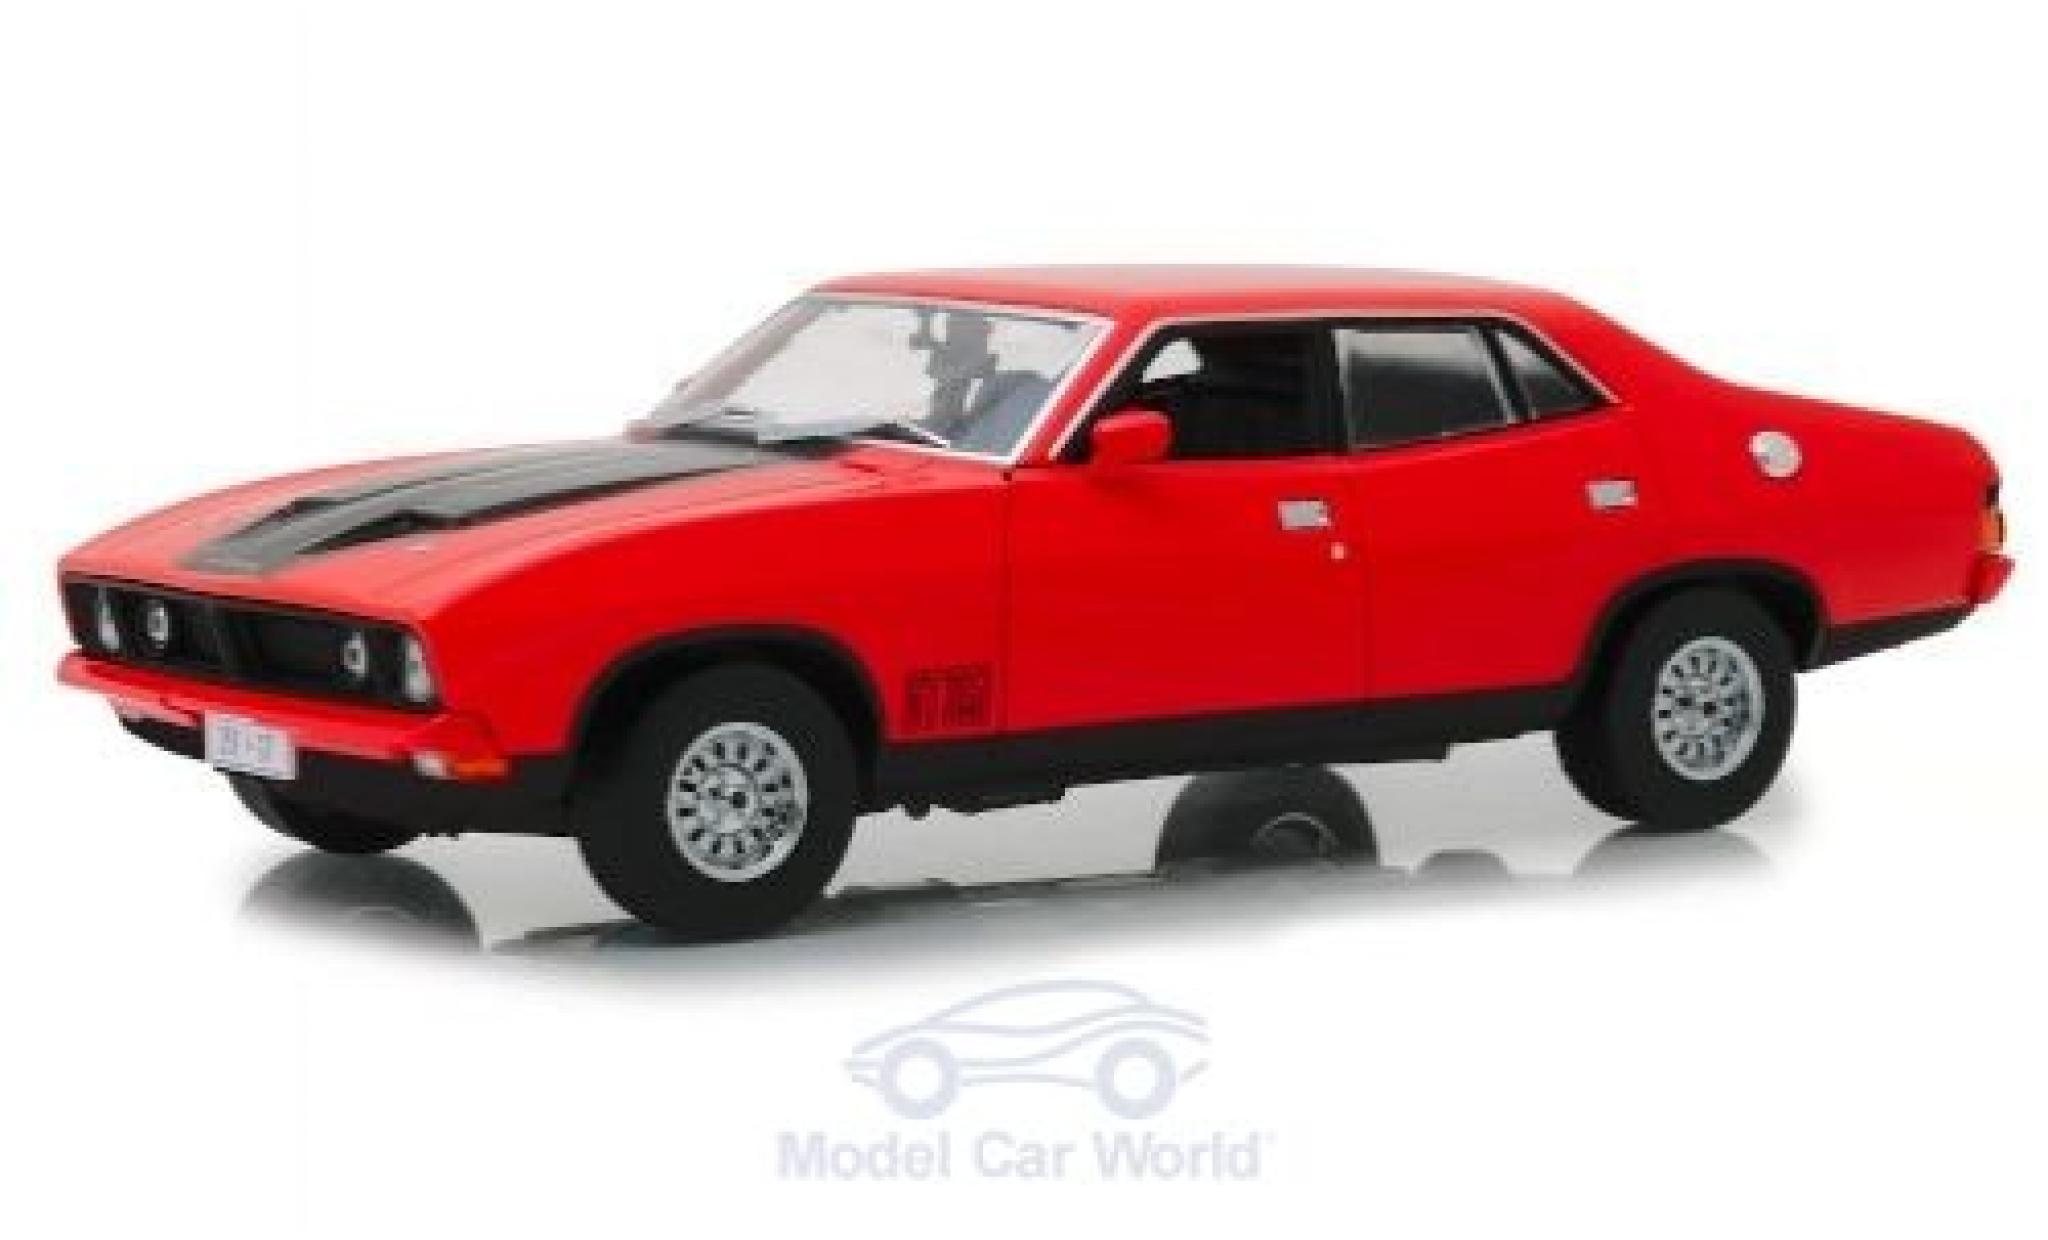 Ford Falcon 1/18 Greenlight XB GT 351 4-Door Saloon rouge/matt-noire RHD 1974